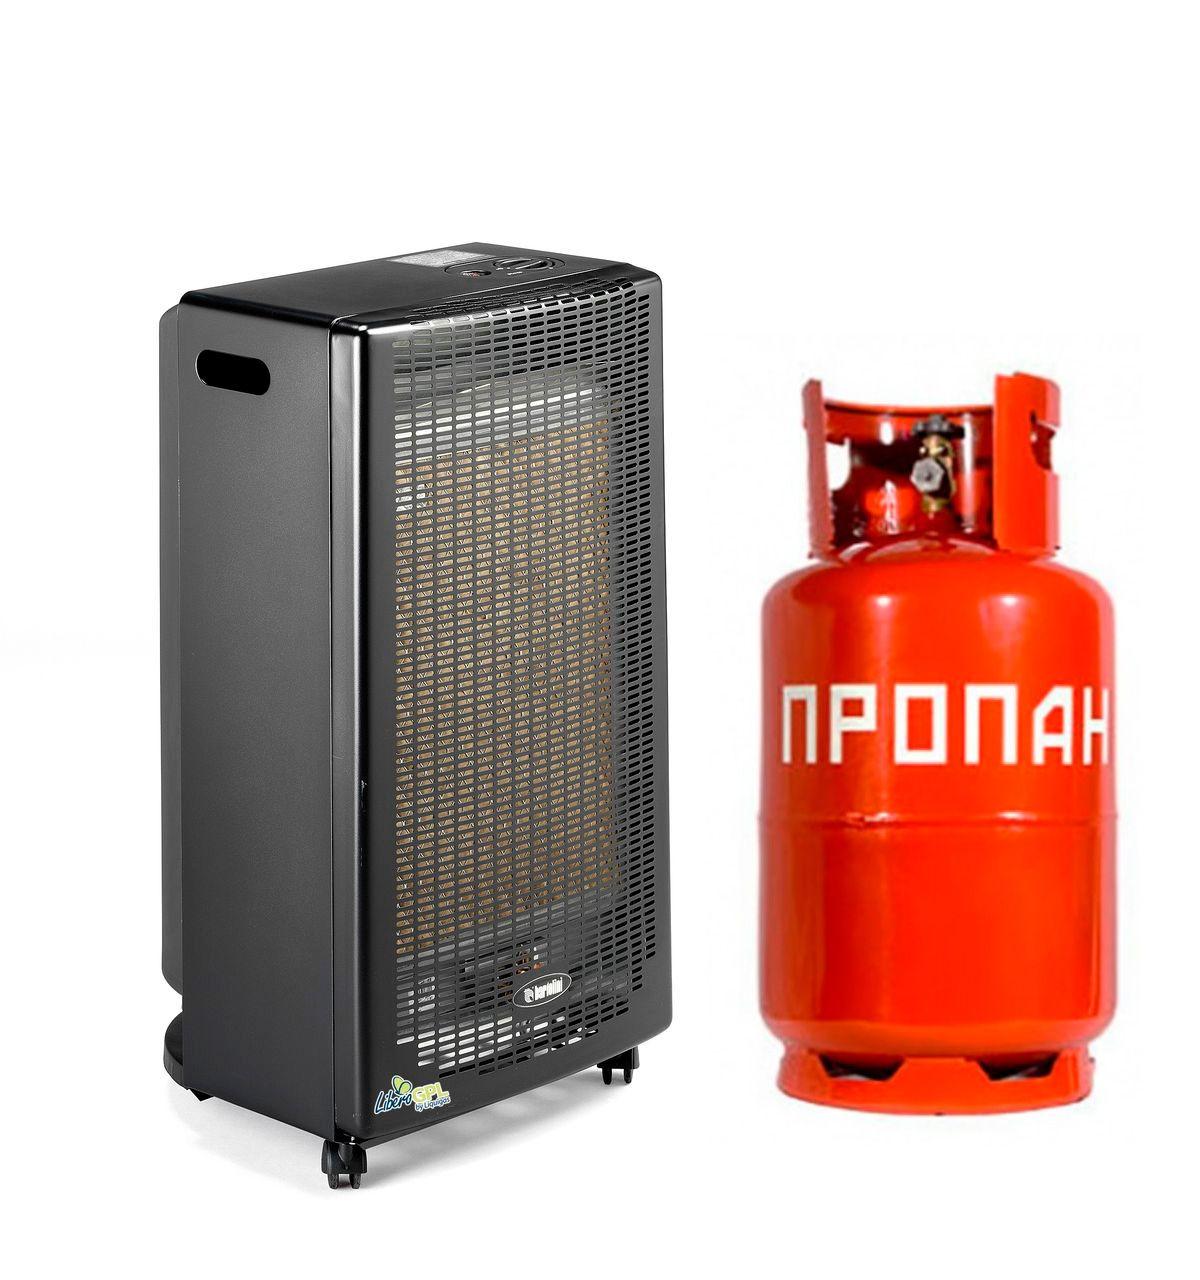 Газовые инфракрасные обогреватели от баллона: особенности